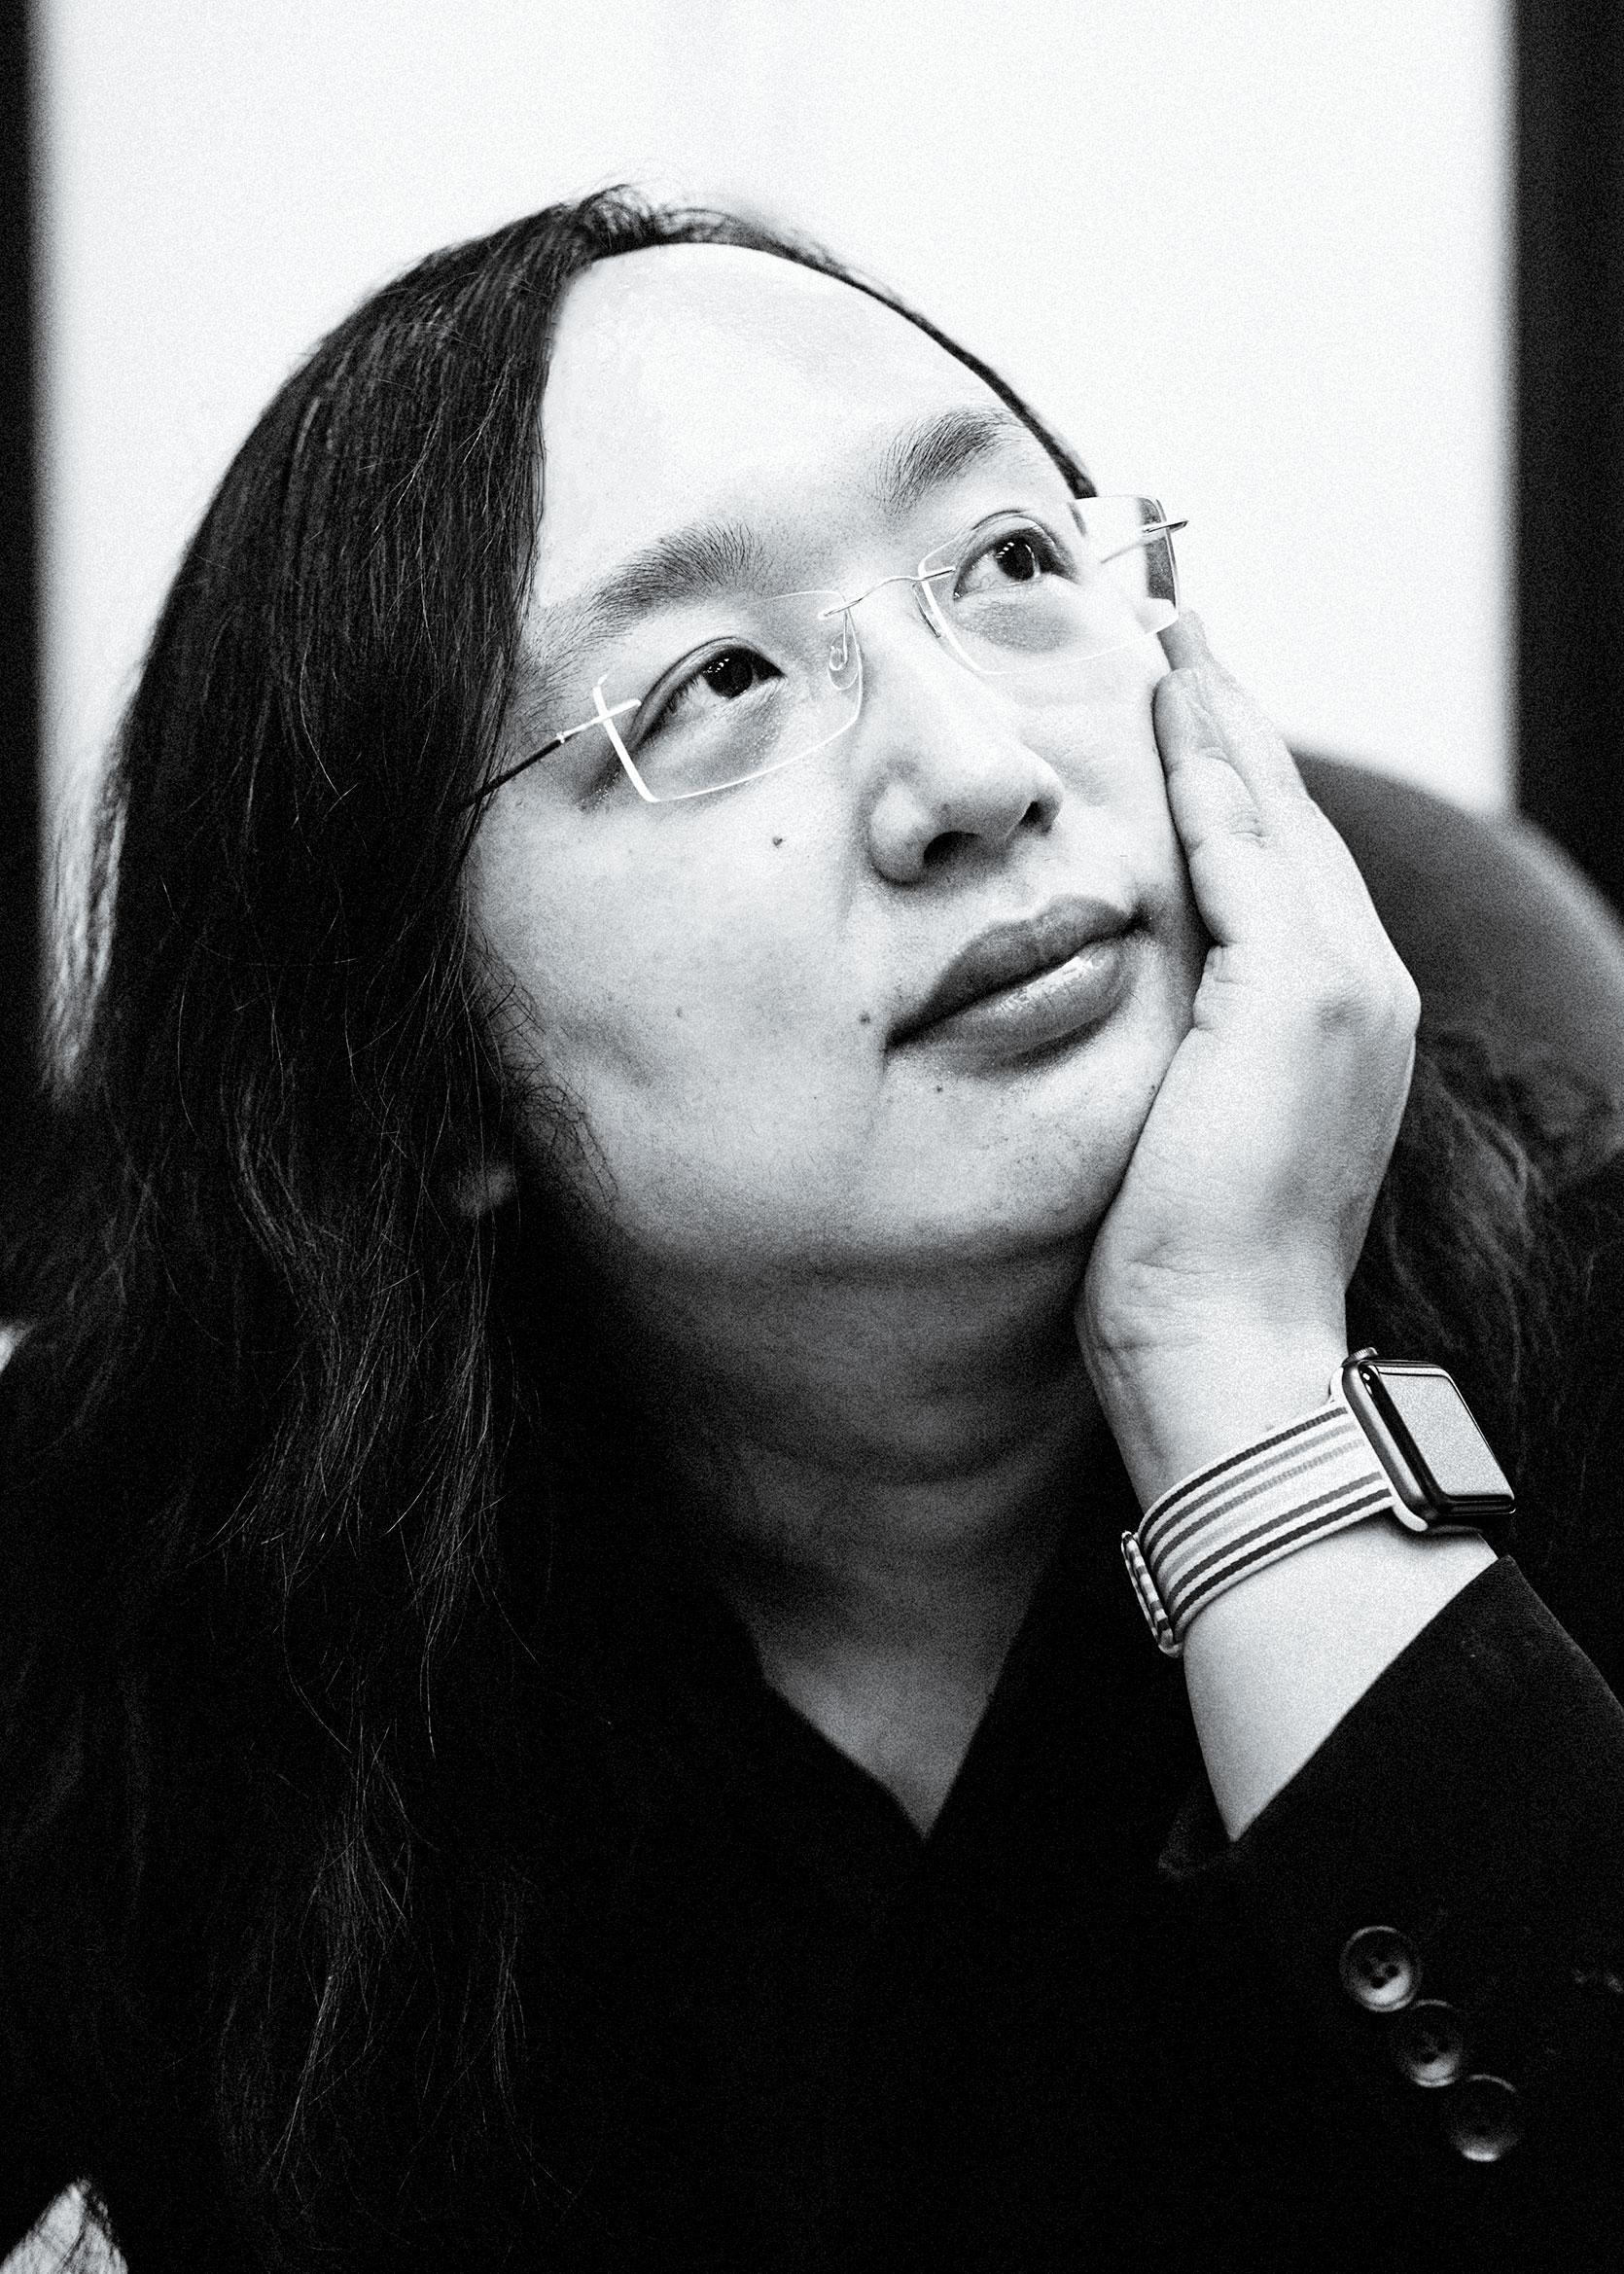 """Audrey Tang, el ministro digital de Taiwán, fue un pirata informático y activista de girasol líder. Ella dice que los servidores públicos superiores deben ver que las personas que hacen comentarios en línea """"no son manifestantes o mobs, sino personas con experiencia distinta""""."""